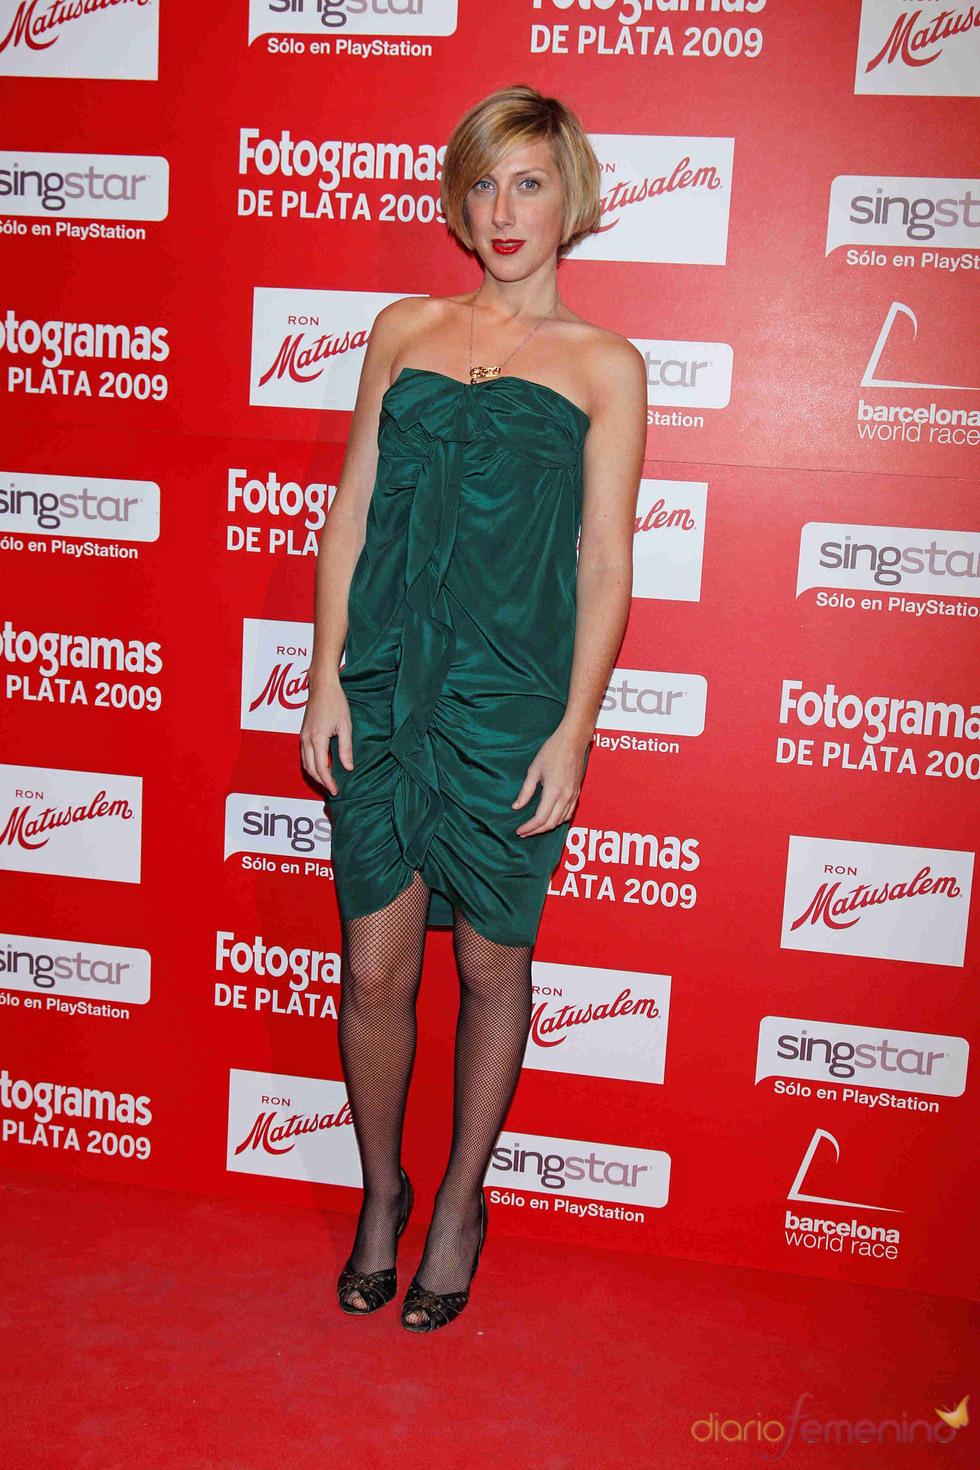 Cecilia Freire en los Fotogramas de Plata 2009